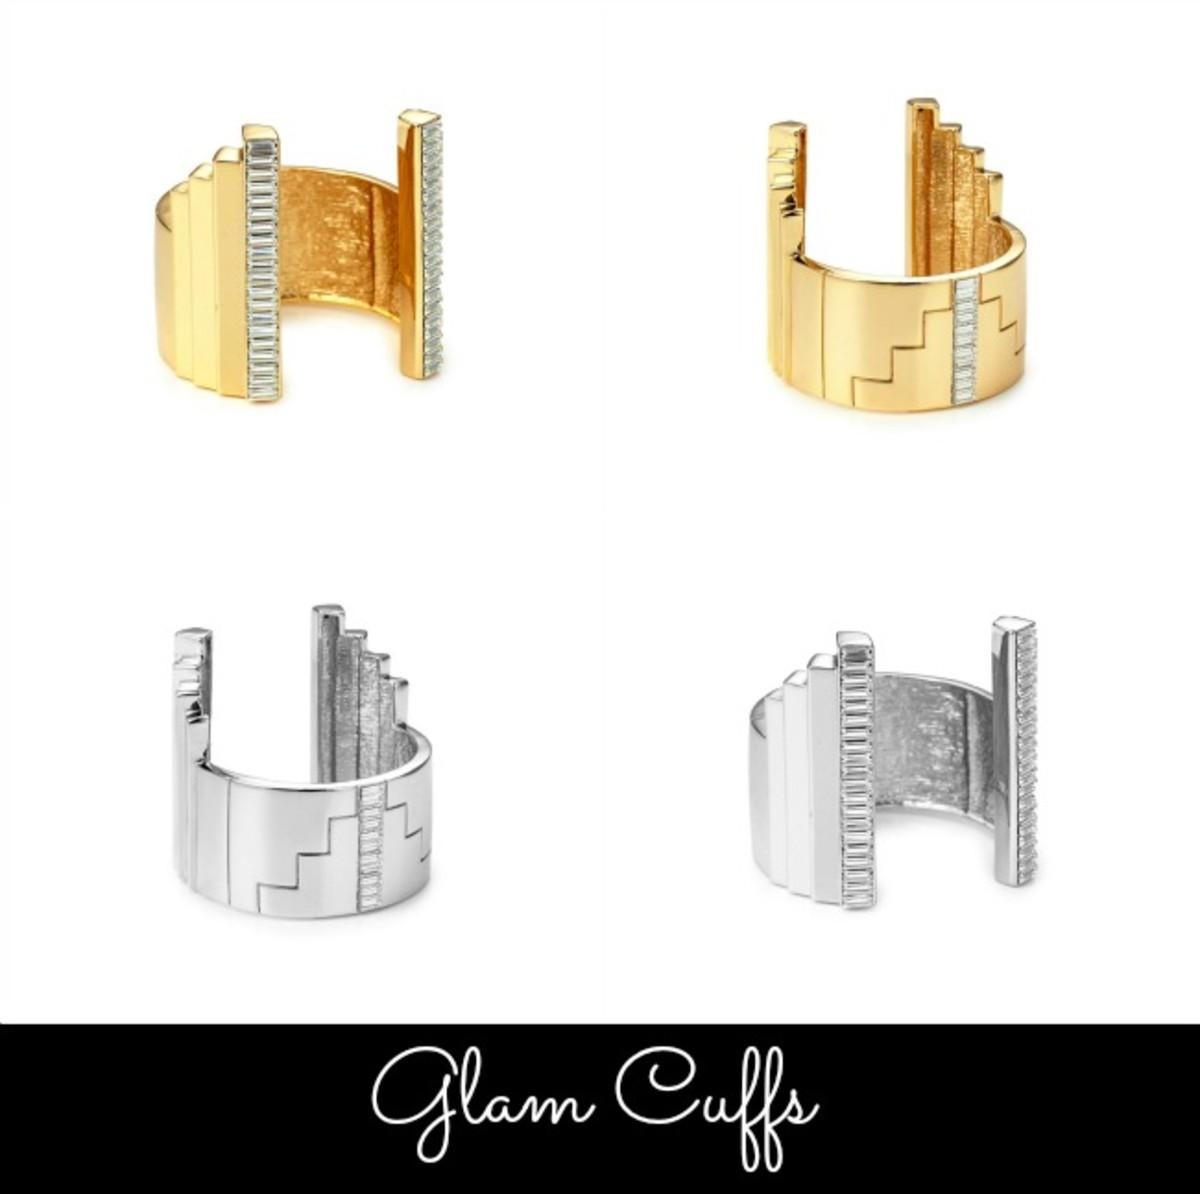 glamcuffs